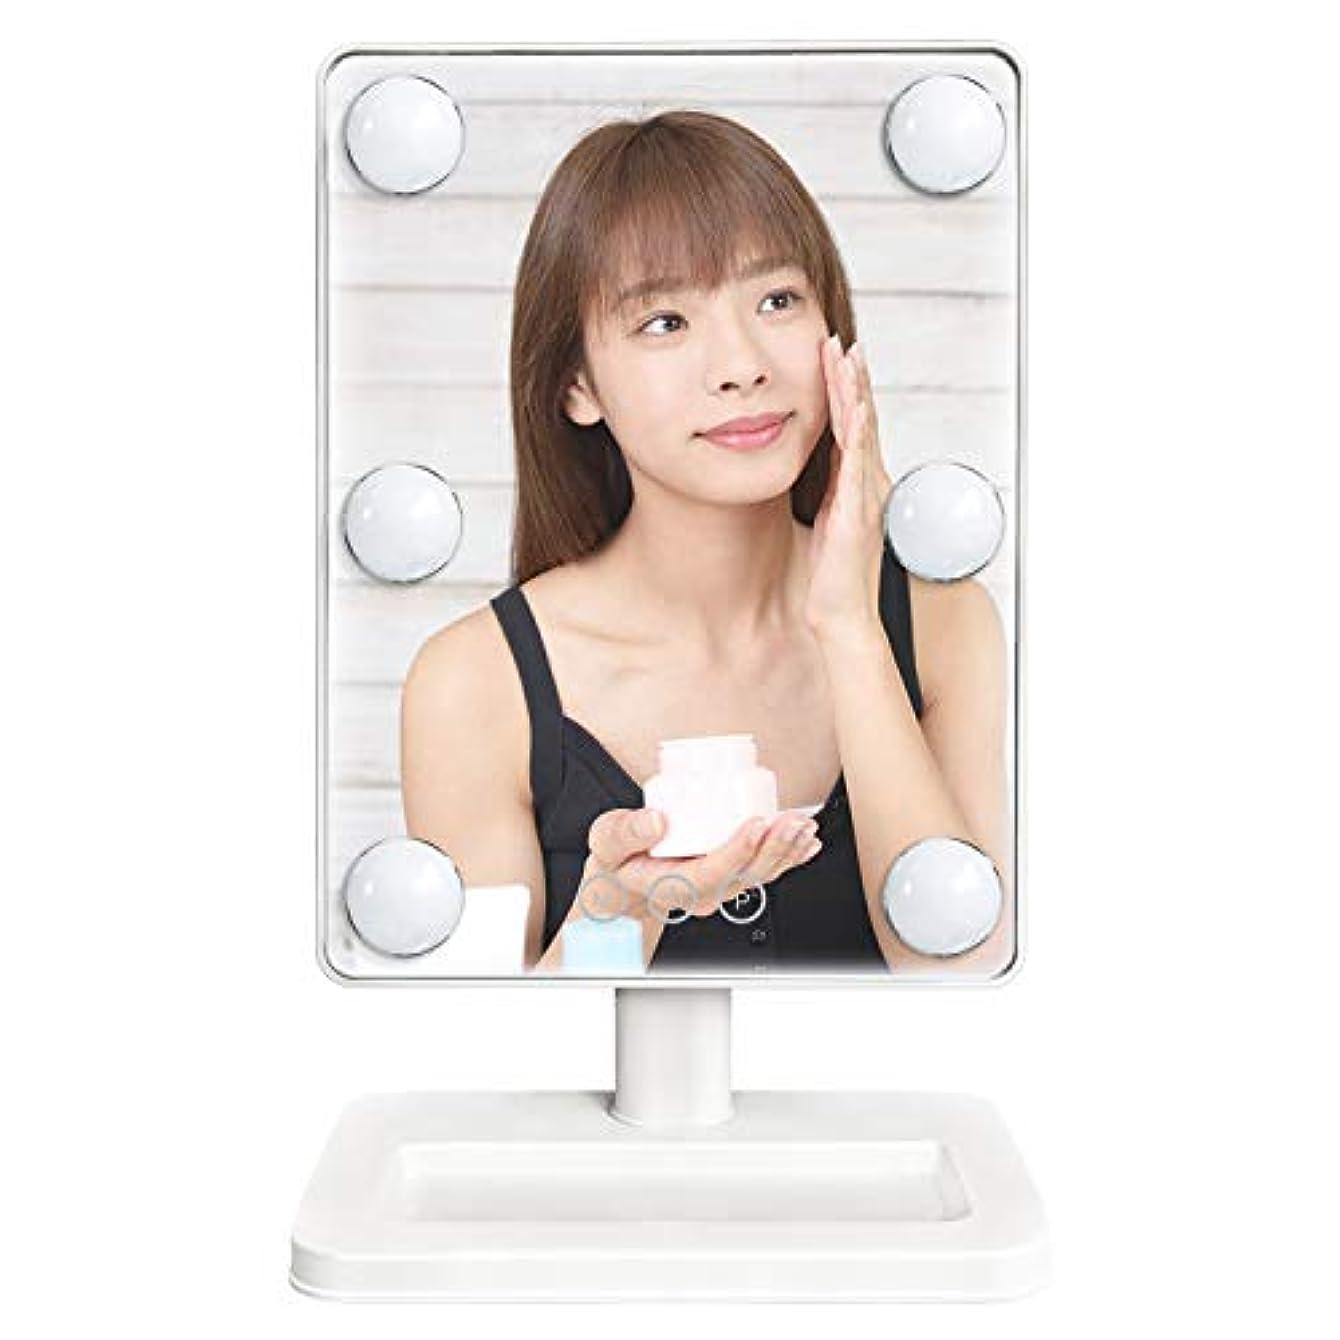 請求クリエイティブ詳細に鏡 スタンドミラー 卓上ミラー led付き 女優ミラー 明るさ調節可能 電球が6個 化粧鏡 360°回転 3色調光ハリウッドミラー 電池&USB 2WAY給電 Luuhann (ホワイト)